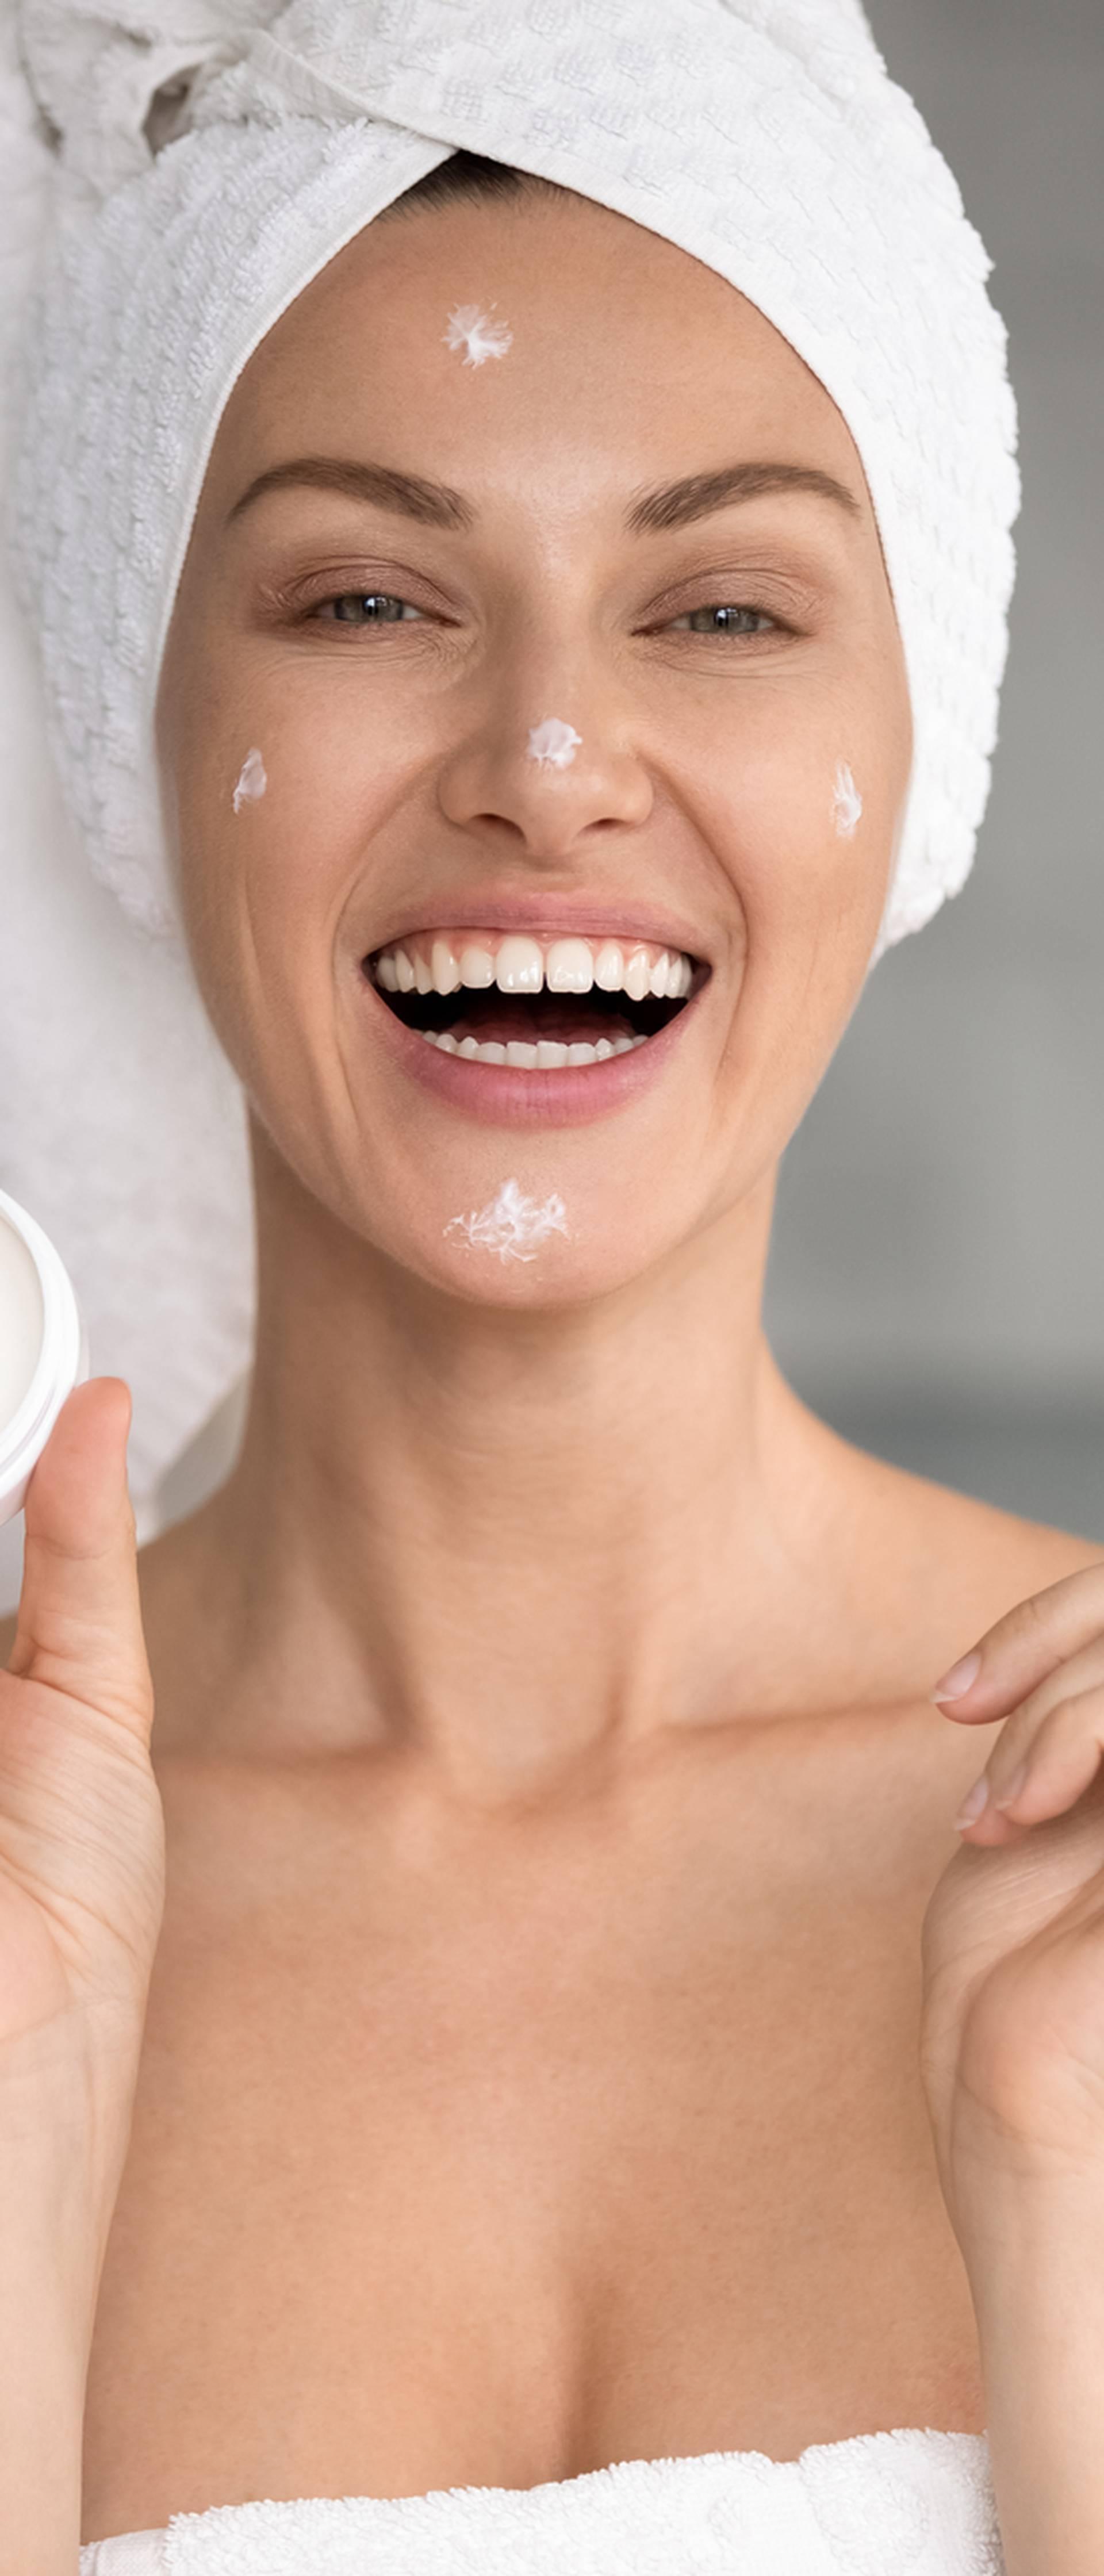 Evo koliko hidratatne kreme je dovoljno nanijeti na našu kožu